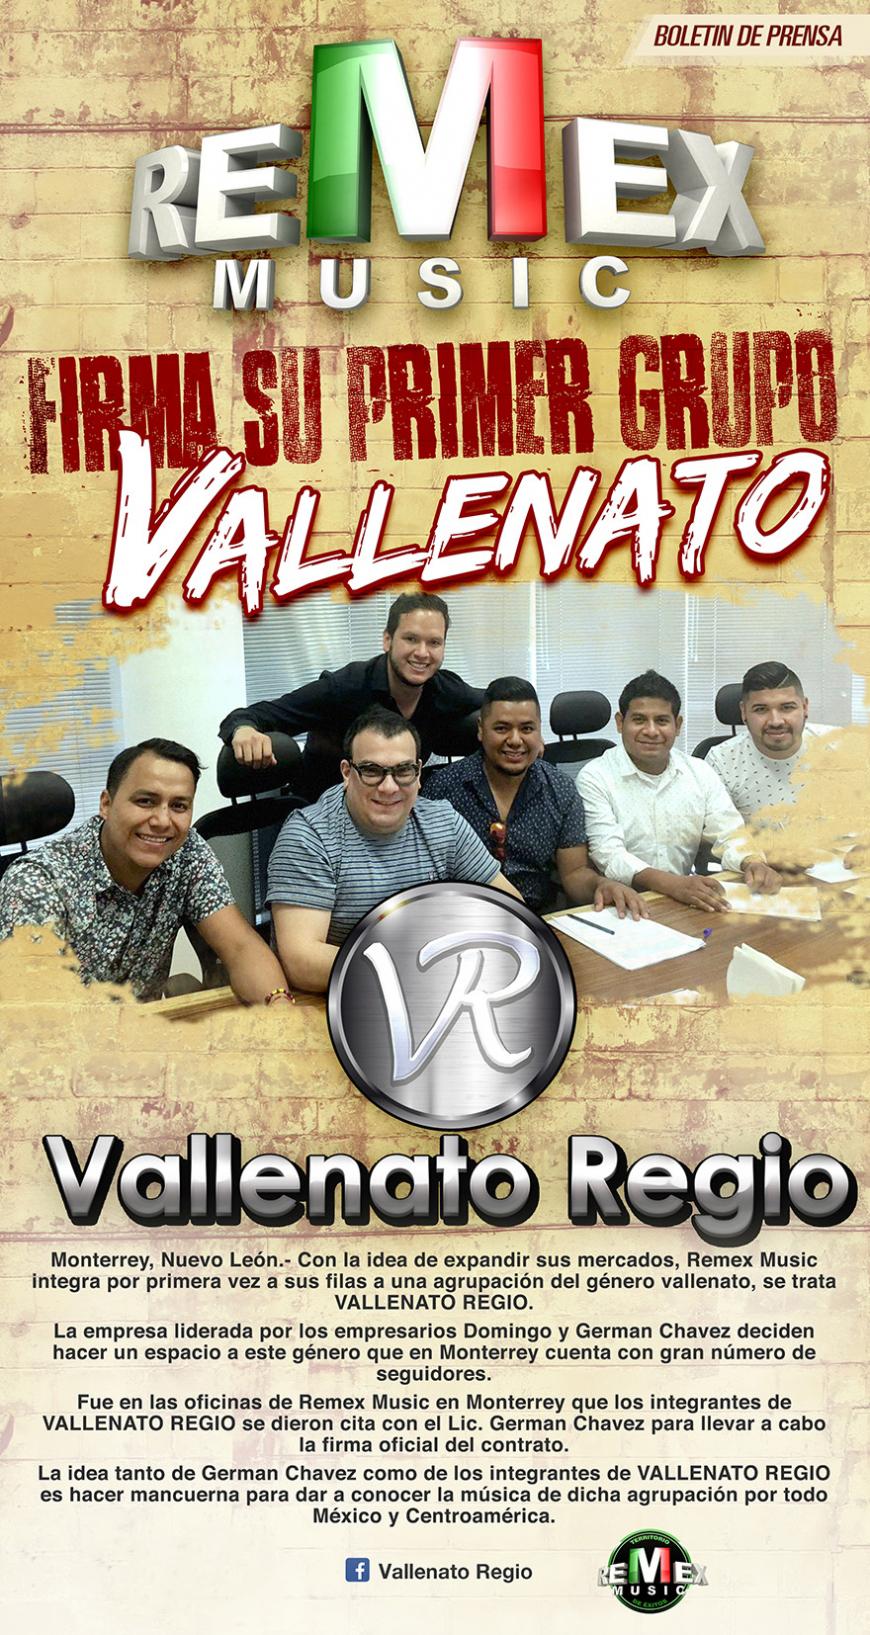 VALLENATO REGIO REMEX